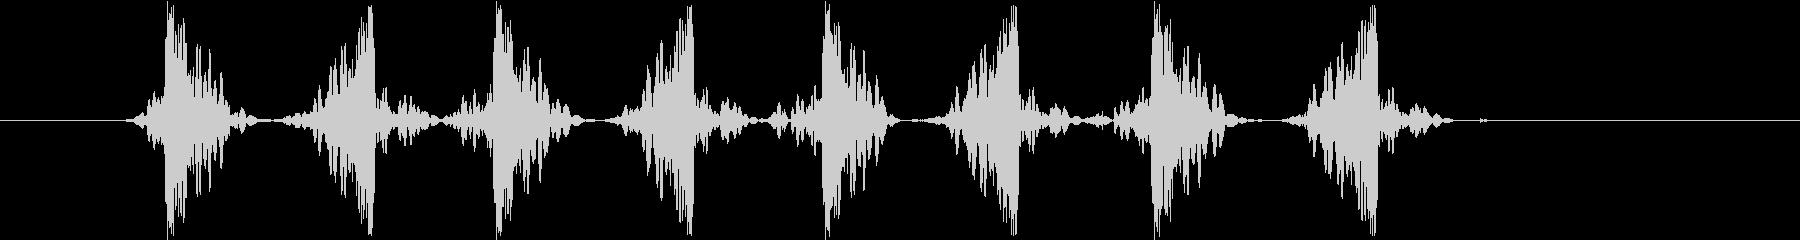 スクラッチ2slow(ズクズクズクズク)の未再生の波形